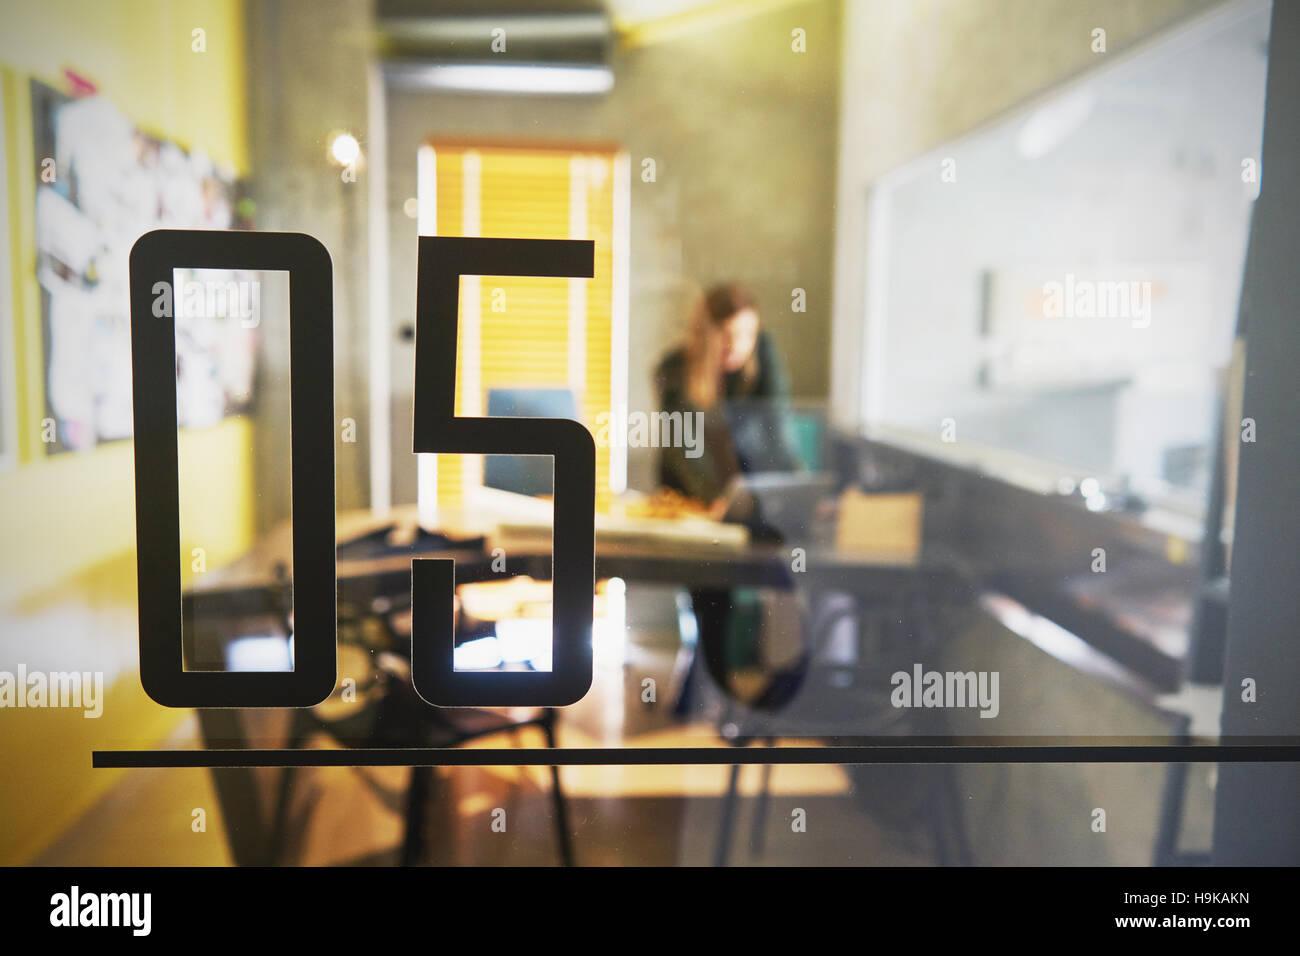 Oficina moderna, espacio interior Imagen De Stock